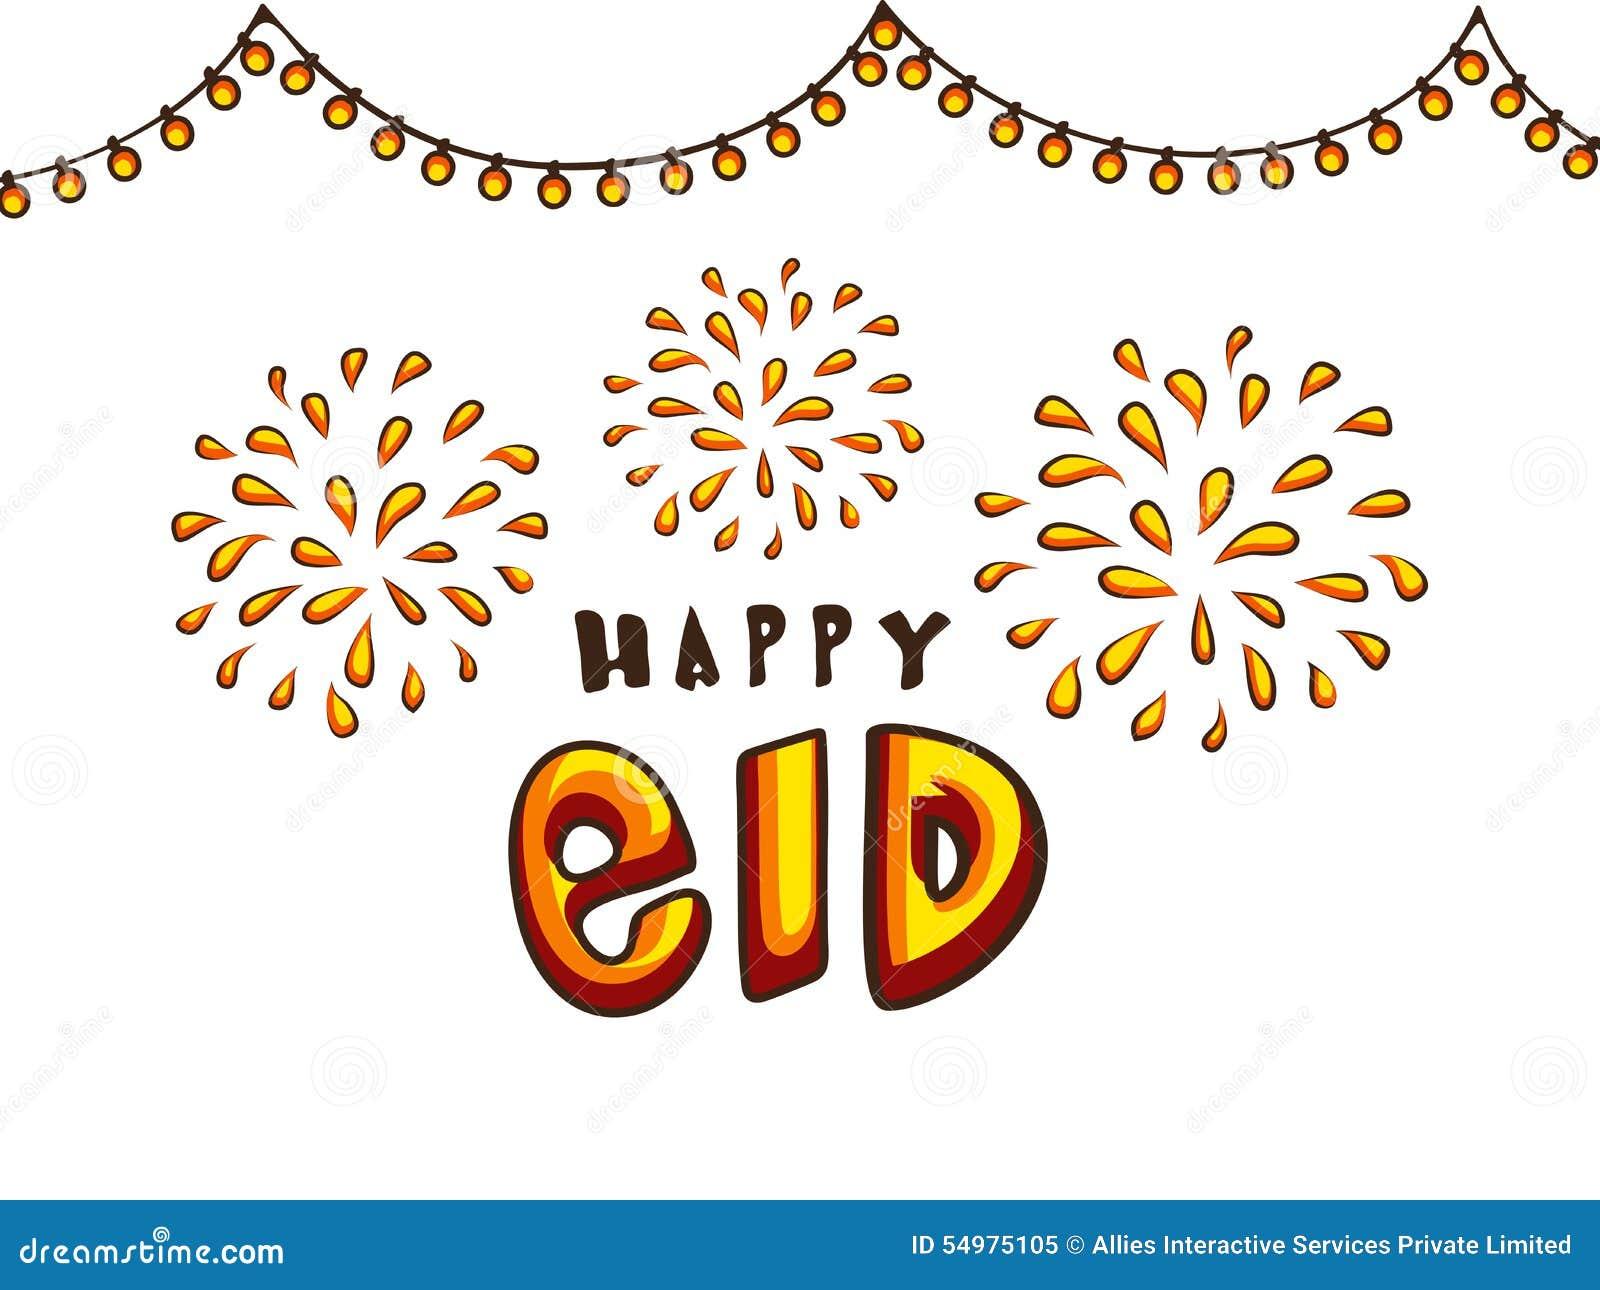 Poster, Banner Or Flyer For Islamic Festival, Eid Mubarak ...